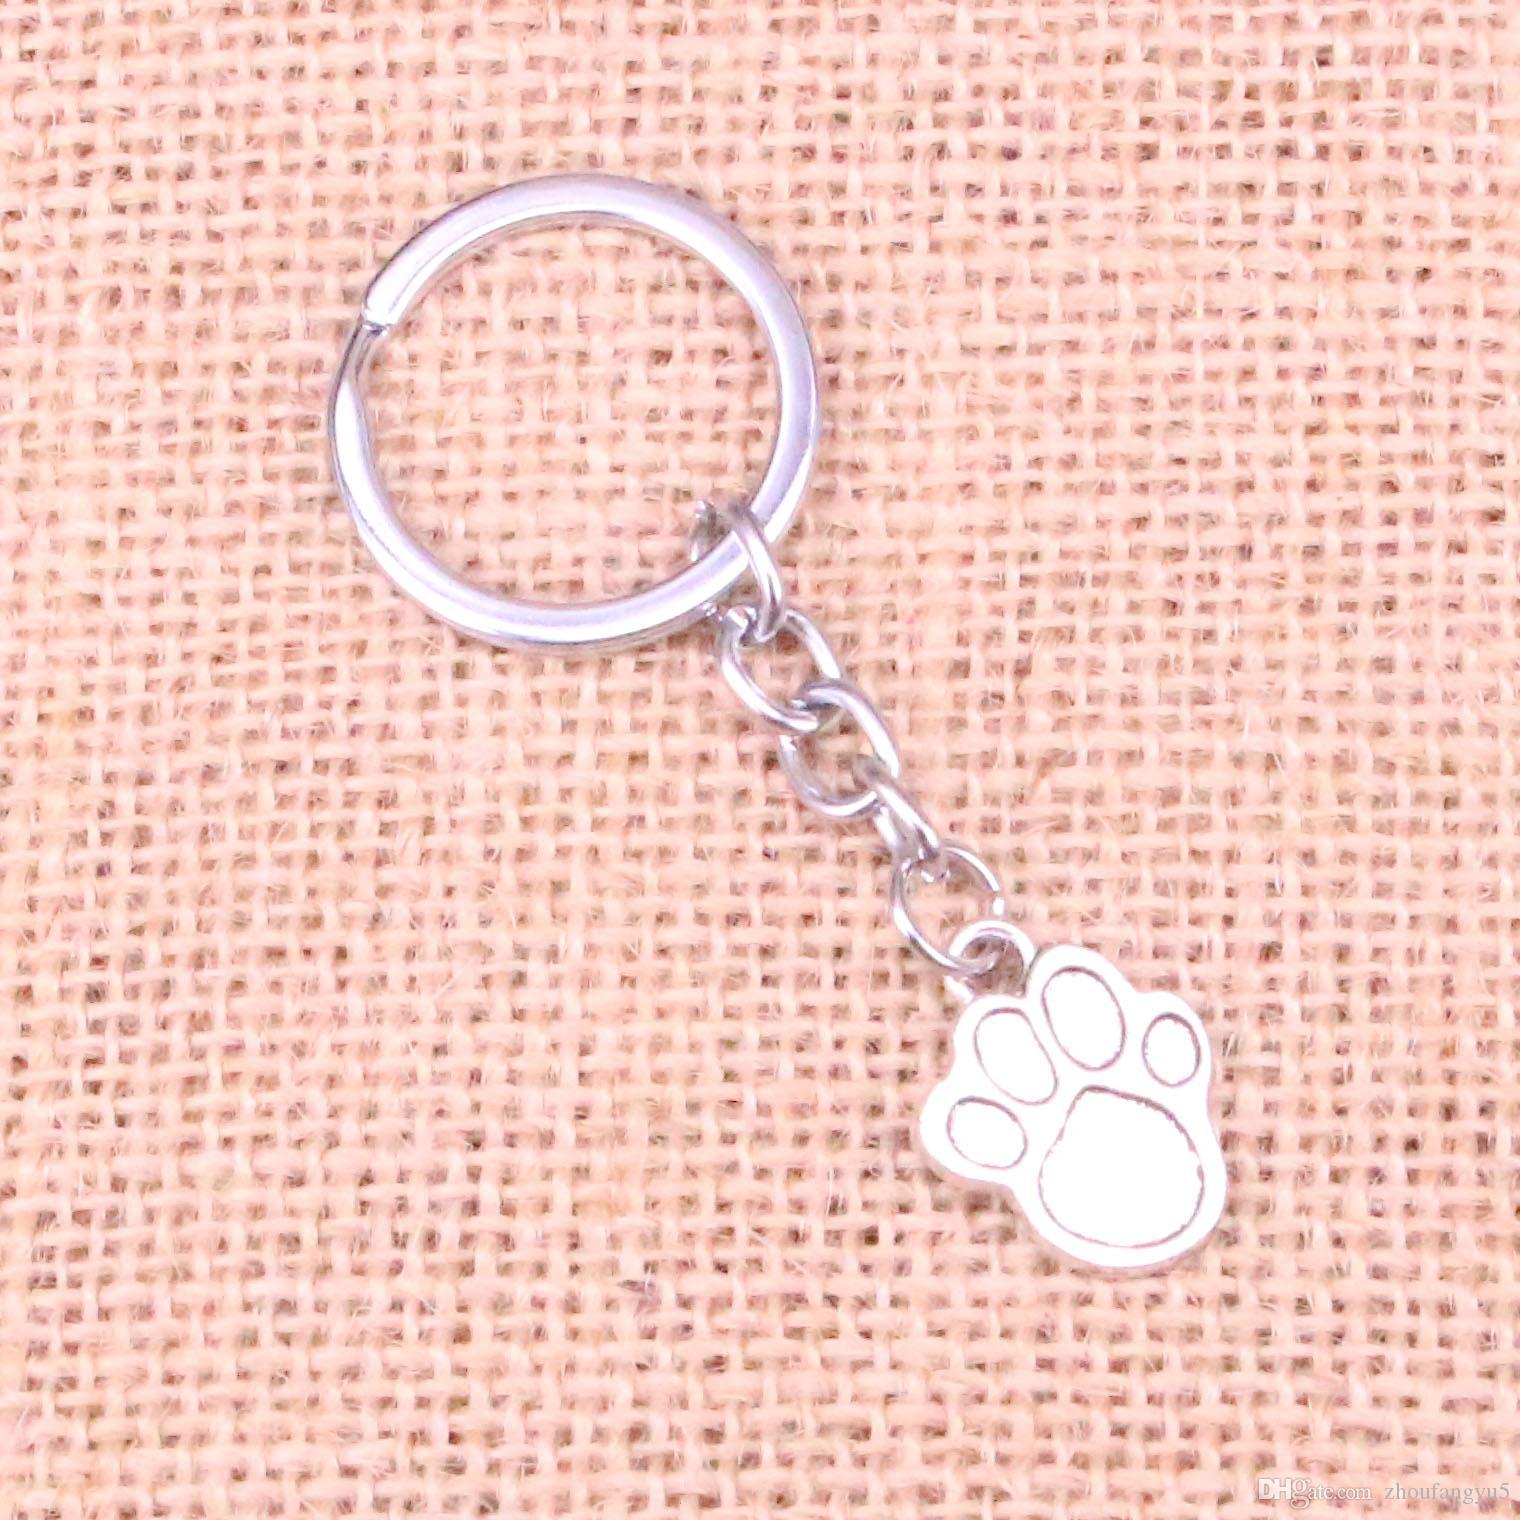 Новый брелок 22 * 17мм собака лапу Подвески DIY Мужчины автомобилей Key Chain Кольцо держатель брелок Сувенирная подарка ювелирных изделий